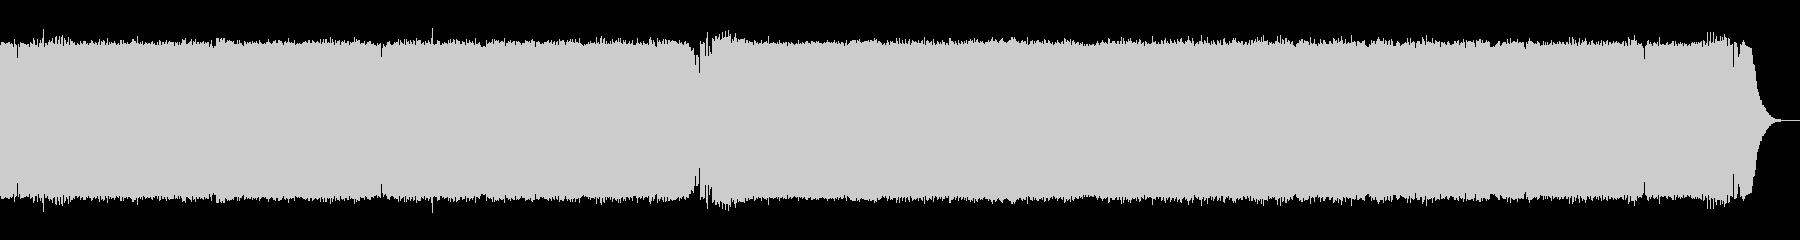 ペース、テクノダンスフロア、家。の未再生の波形